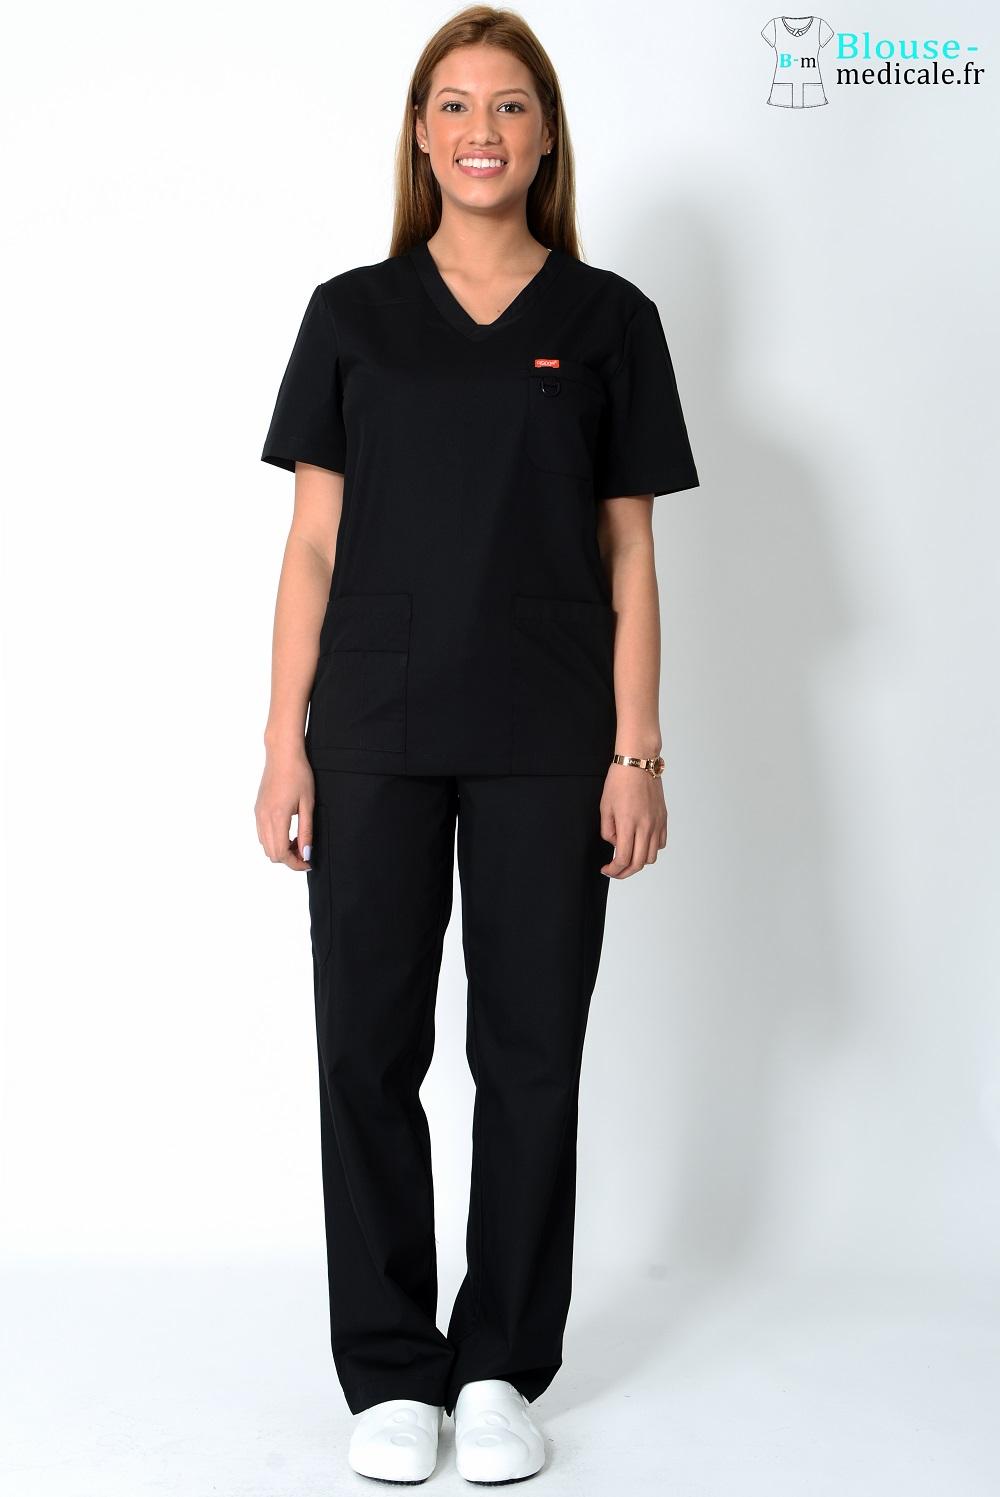 tenue médicale femme orange pas cher blouse médicale femme